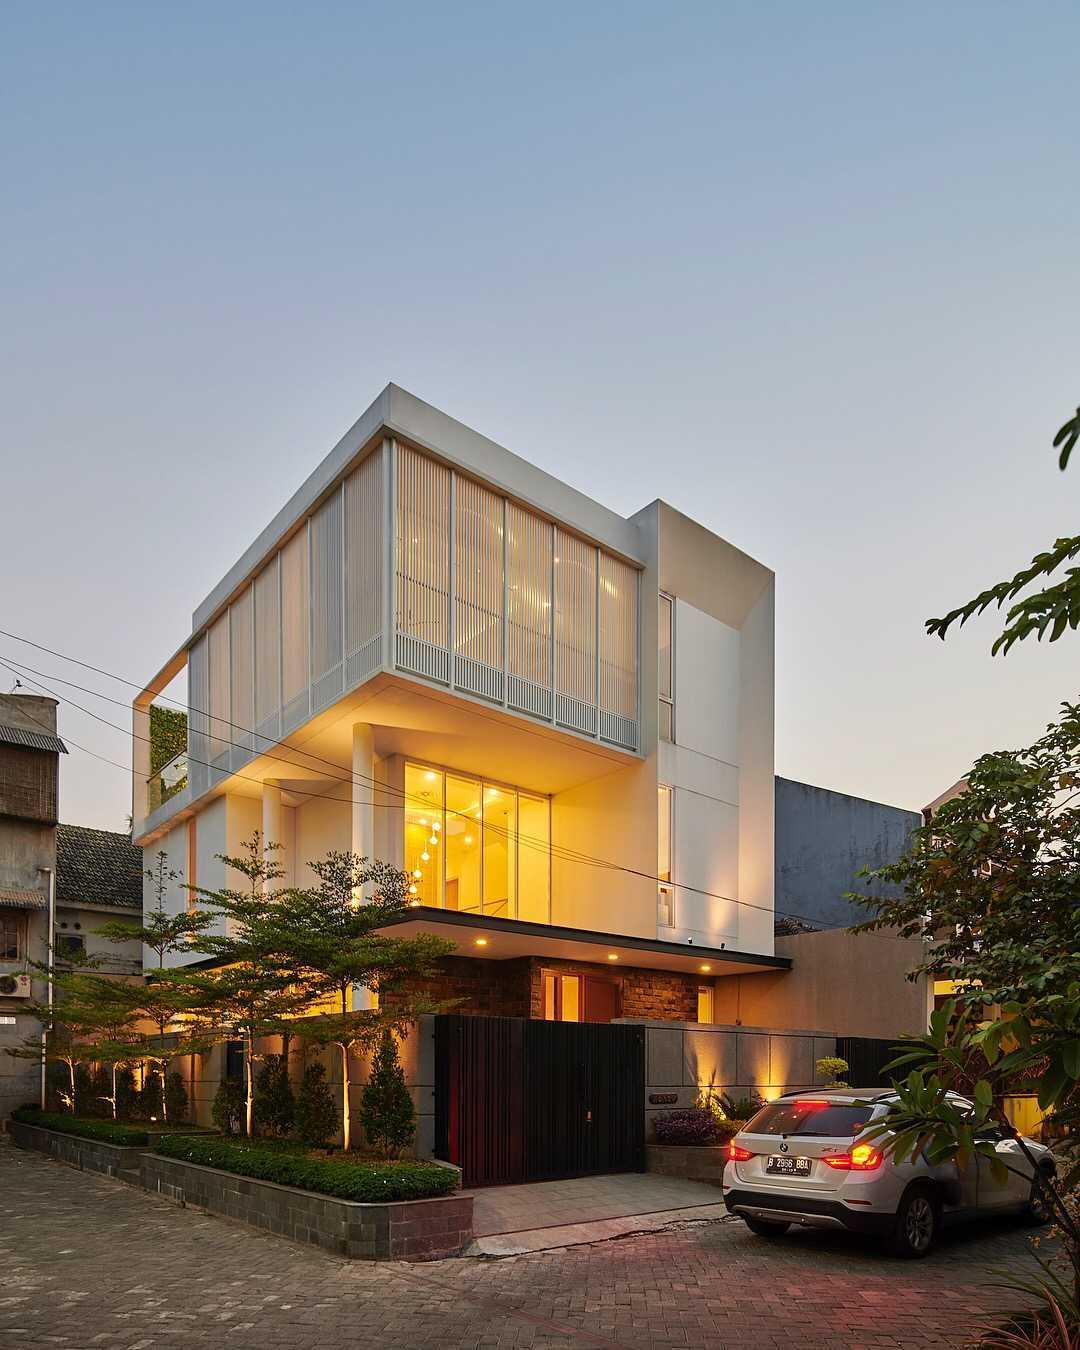 Co Associates B House Jalan Poris Indah, Cipondoh, Rt.1/rw.4, Cipondoh Indah, Tangerang, Cipondoh Indah, Cipondoh, Kota Tangerang, Banten 15122, Indonesia Jalan Poris Indah, Cipondoh, Rt.1/rw.4, Cipondoh Indah, Tangerang, Cipondoh Indah, Cipondoh, Kota Tangerang, Banten 15122, Indonesia Co-Associates-B-House   59083